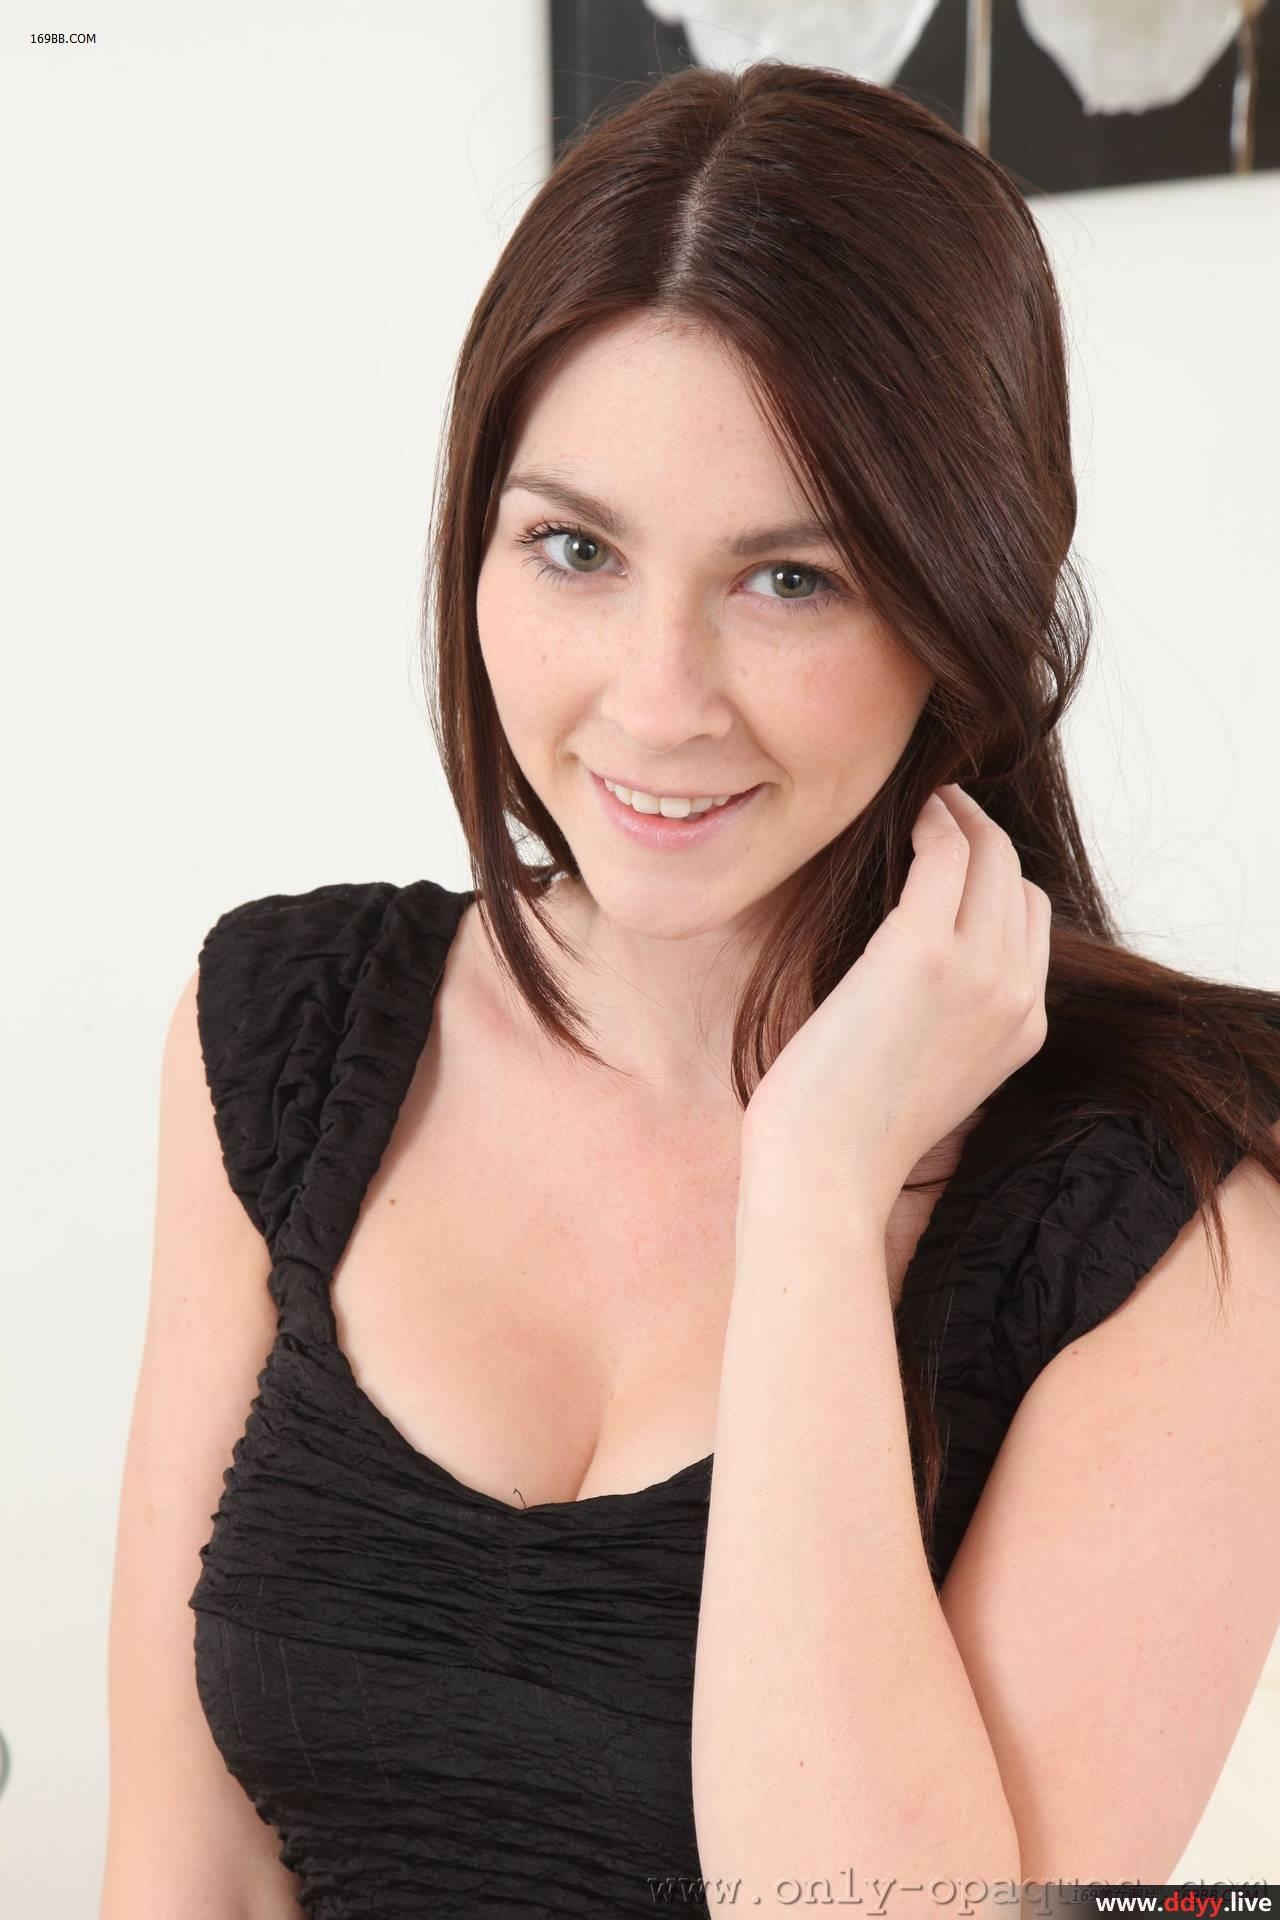 动漫萝莉喷水_白皙美女黑色包臀裙身材尽显[48P][清纯唯美]_小草资源视频在线